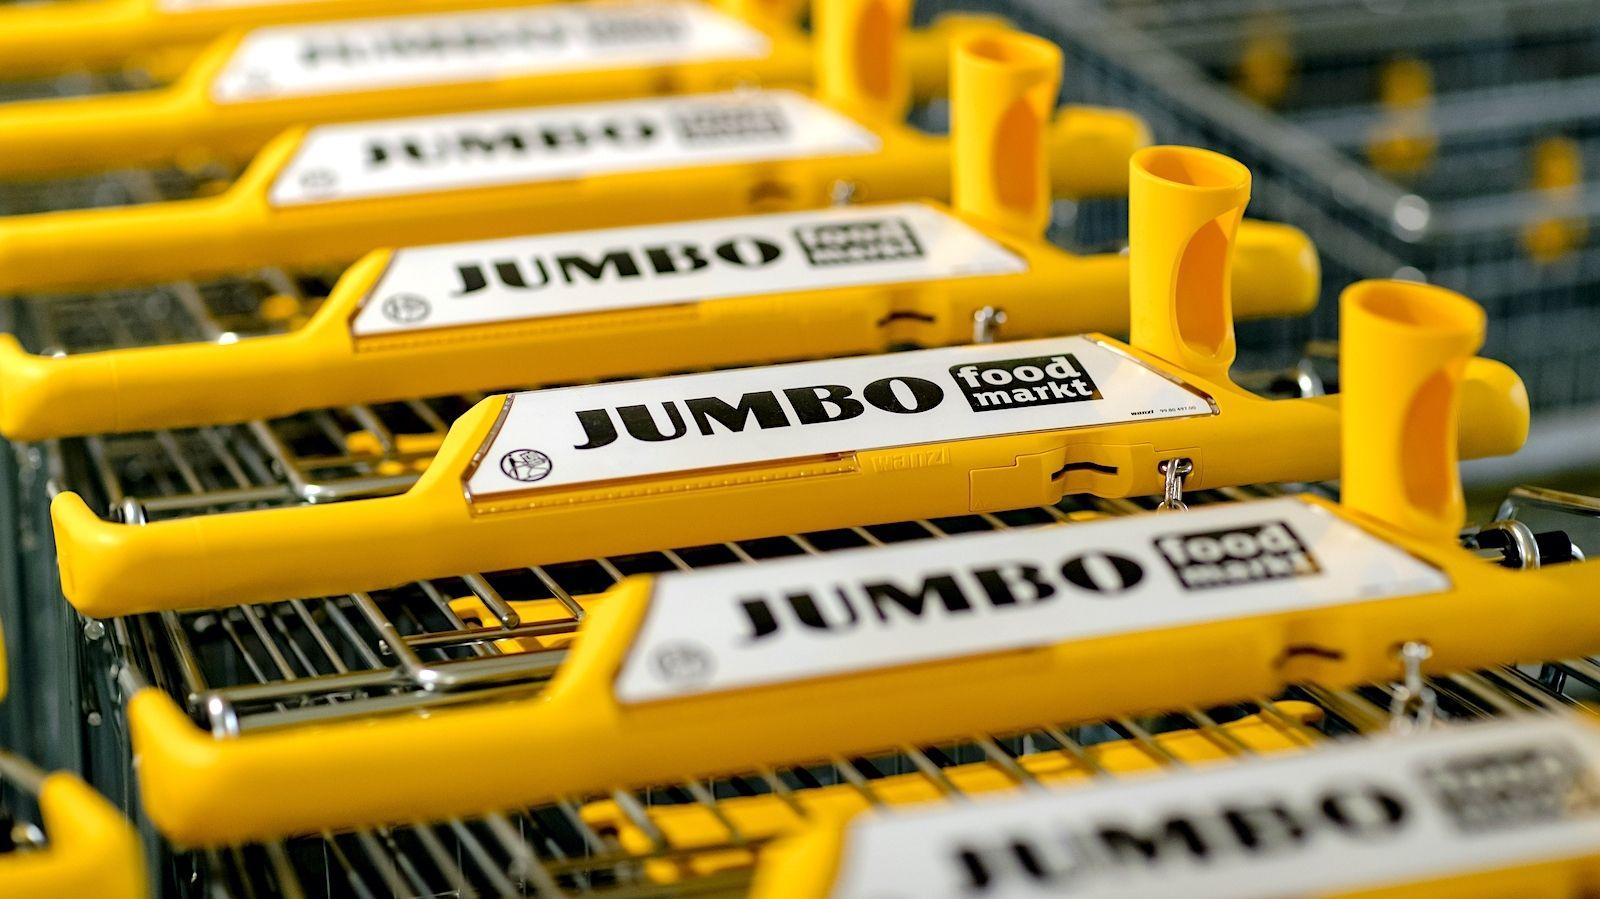 Jumbo supermarkt openingstijden pasen 2021 retail boodschappen